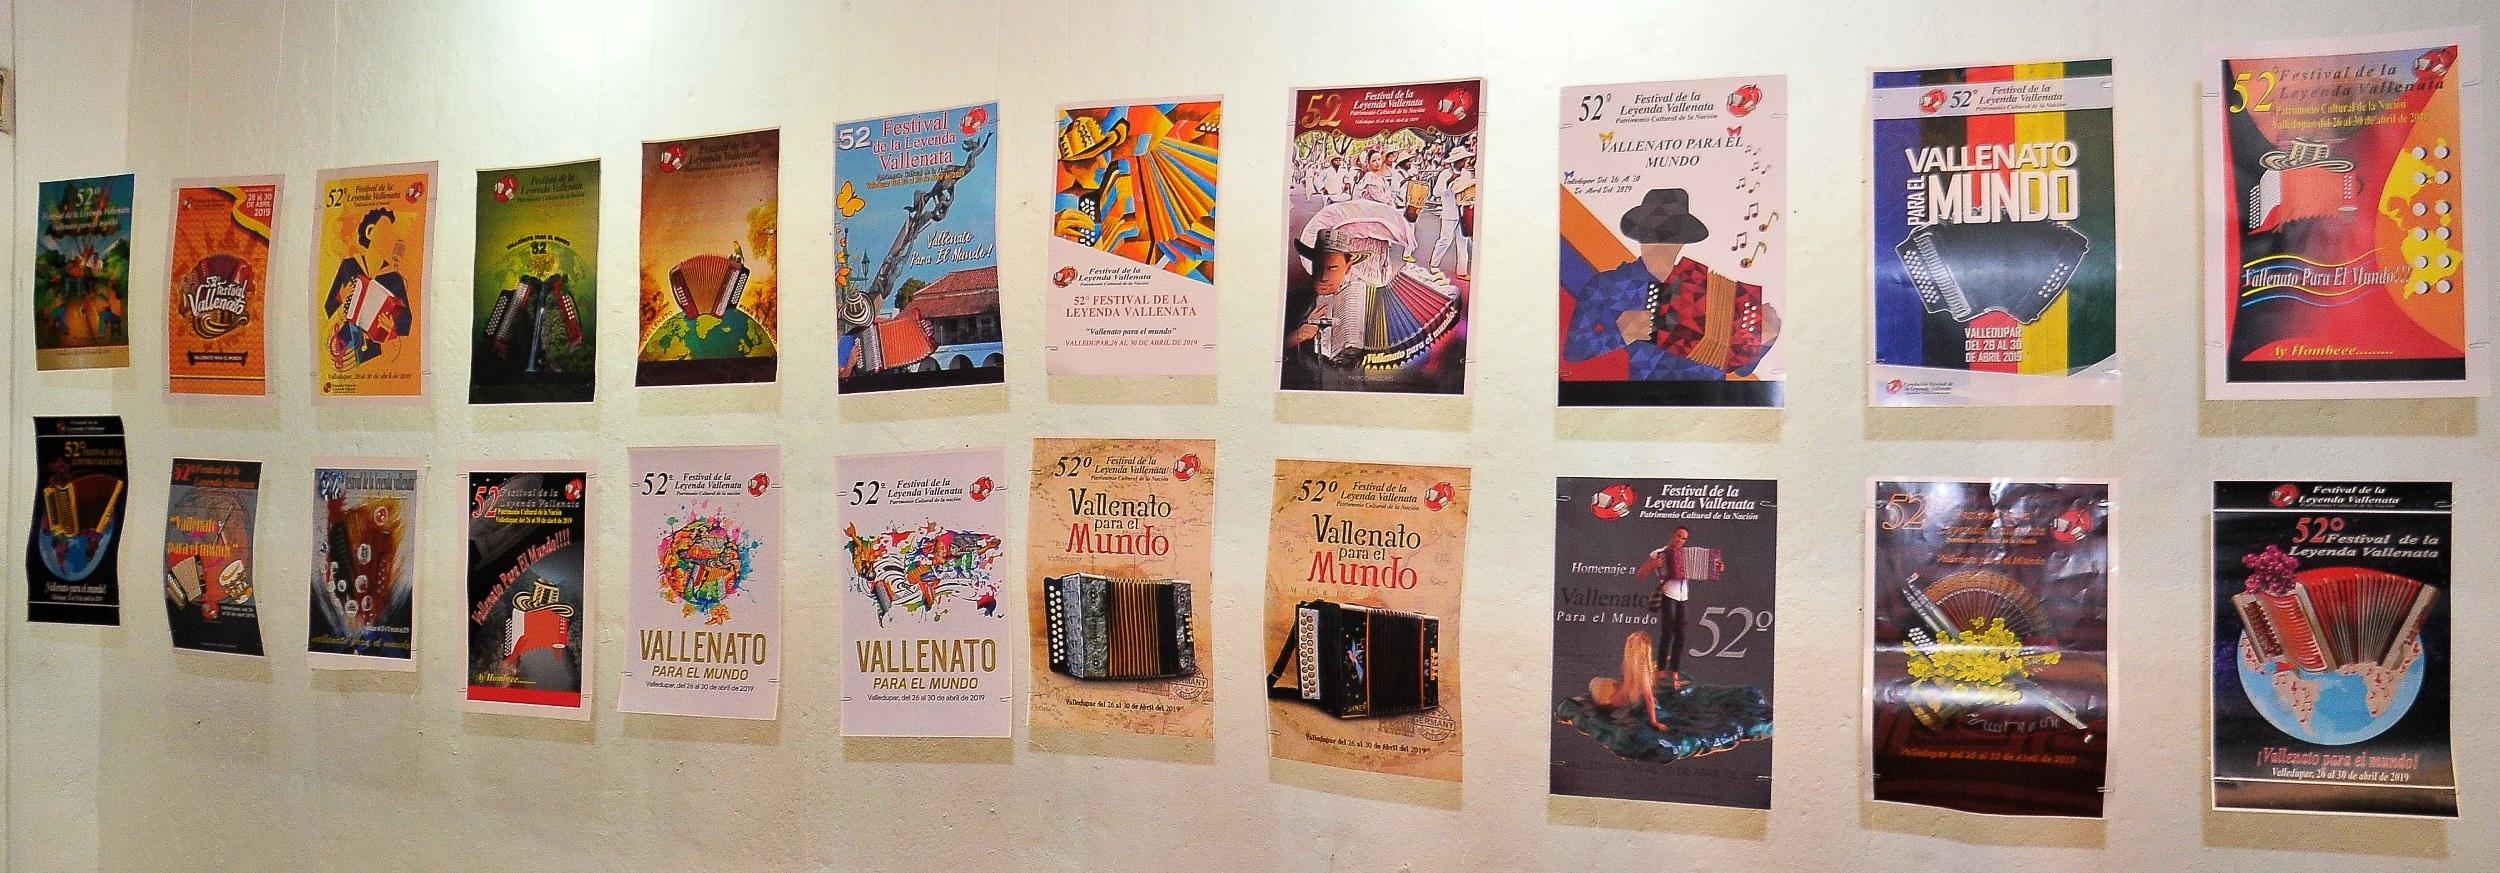 Se abre exhibición de los afiches postulados al 52° Festival de la Leyenda Vallenata, 'Vallenato para el mundo'